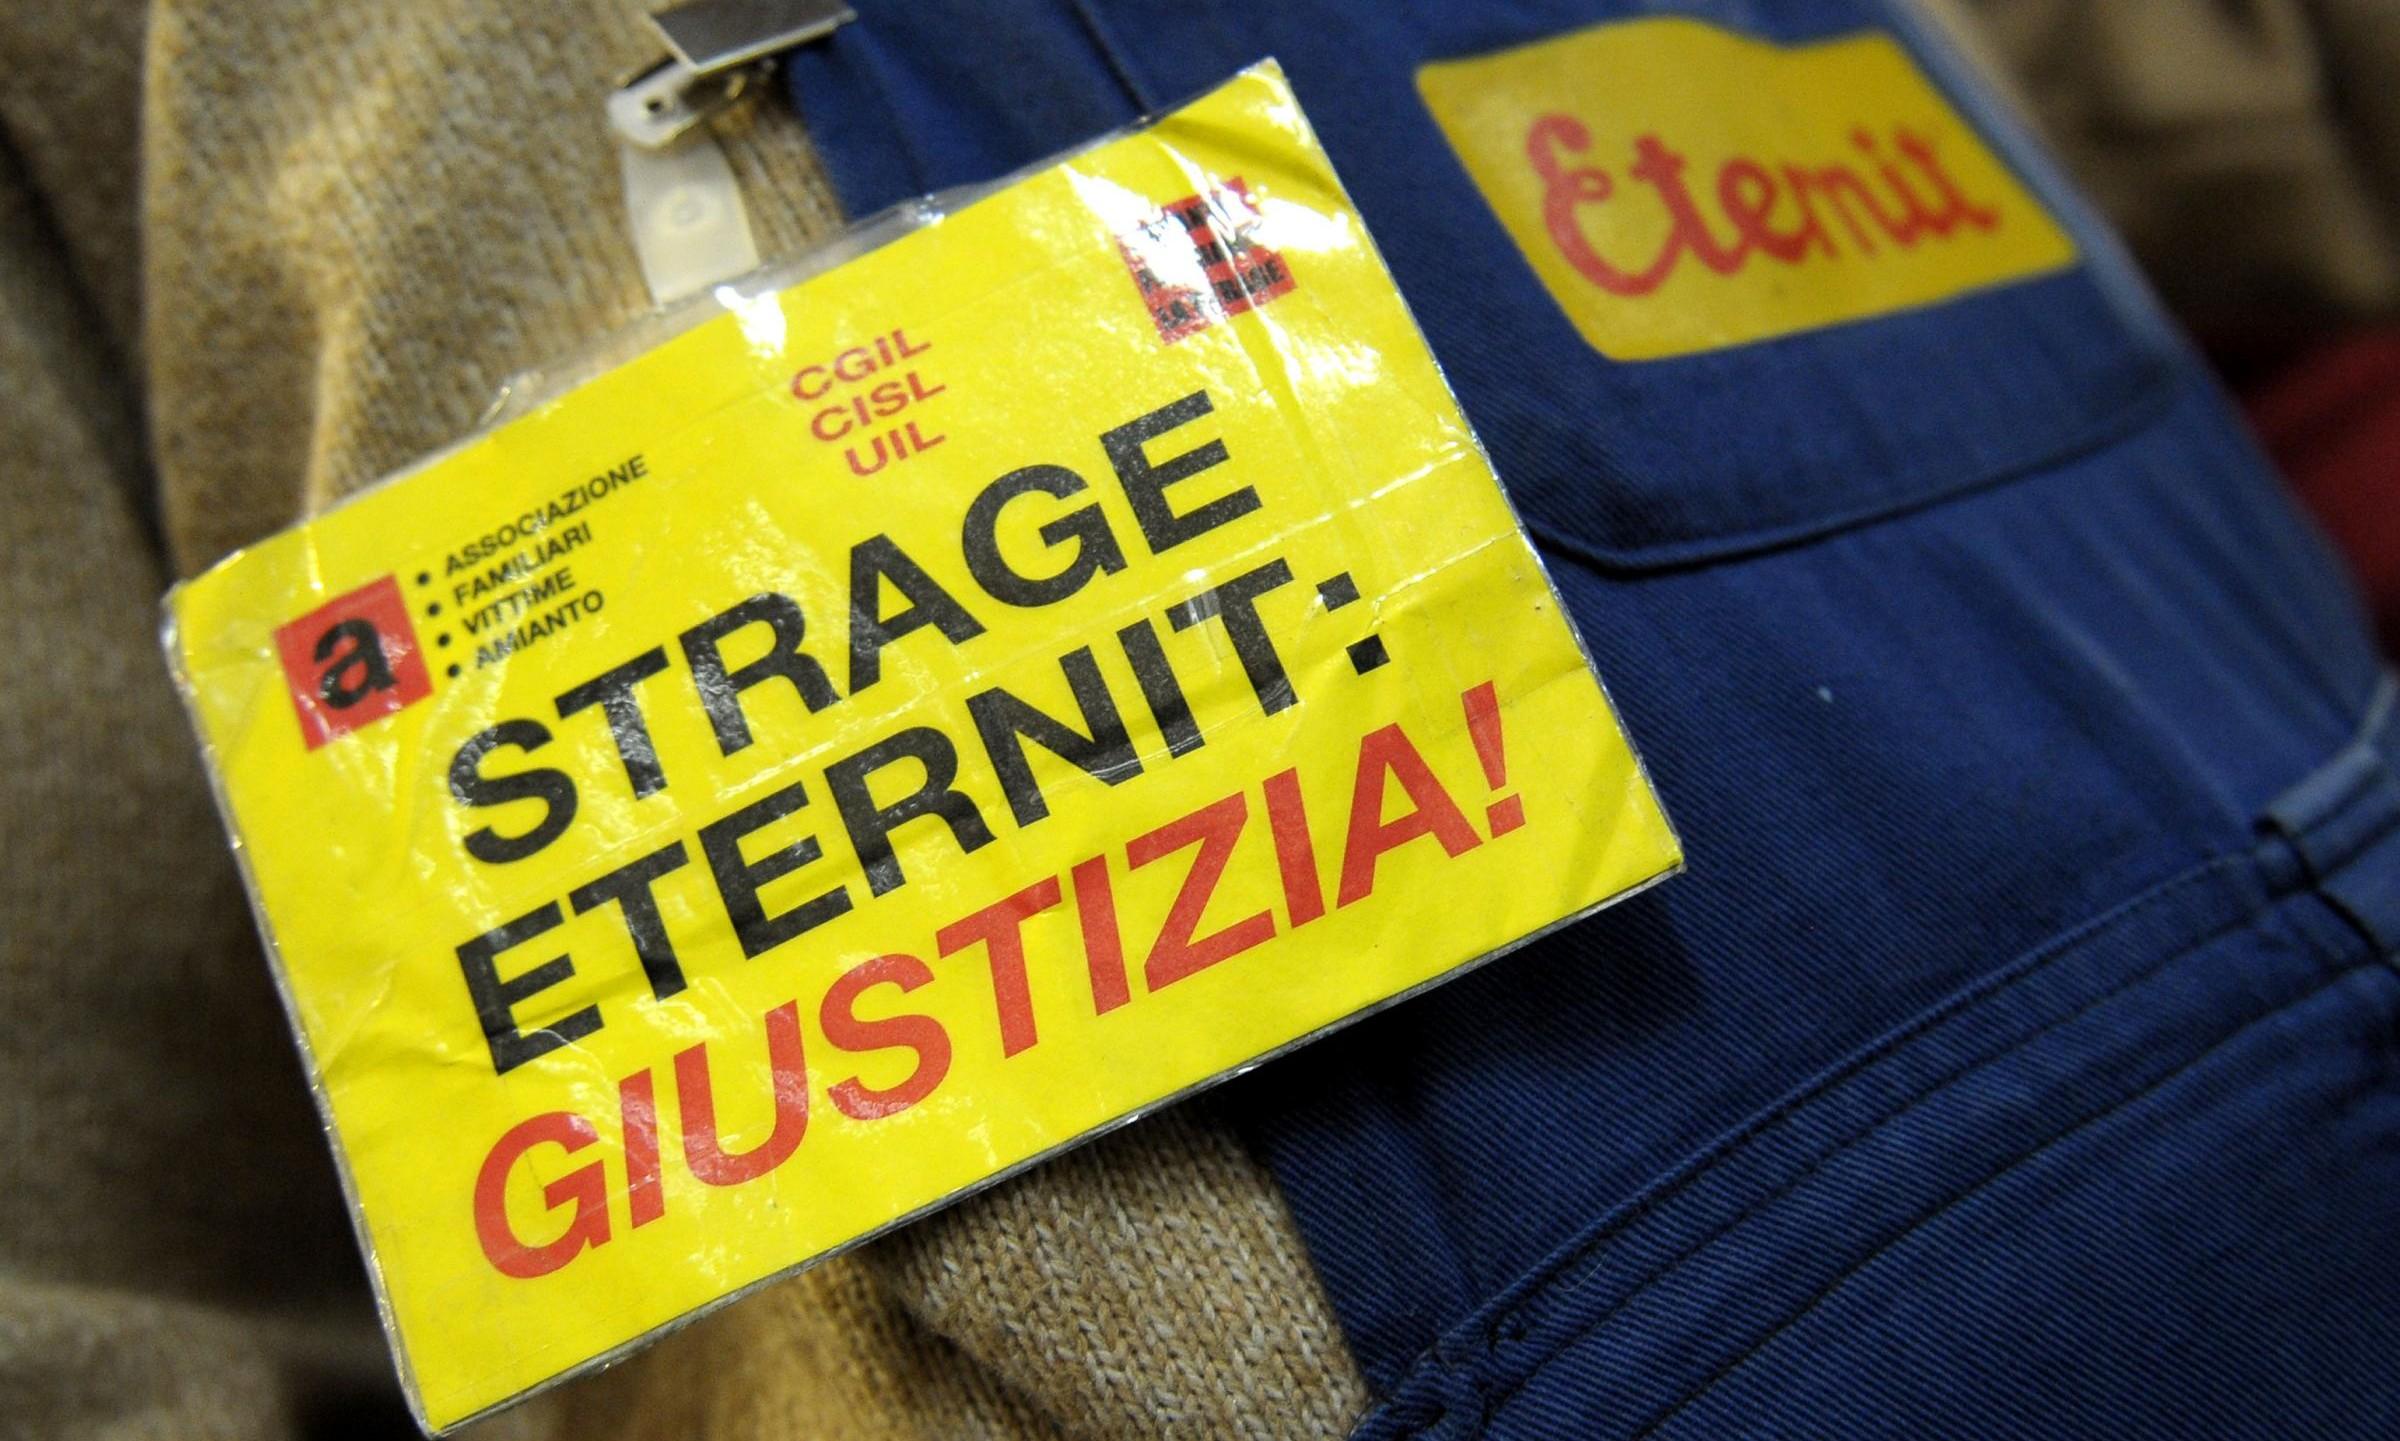 """Prescrizione, Di Battista al M5s: """"Avanti tutta, pensate agli operai vittime di Eternit"""""""